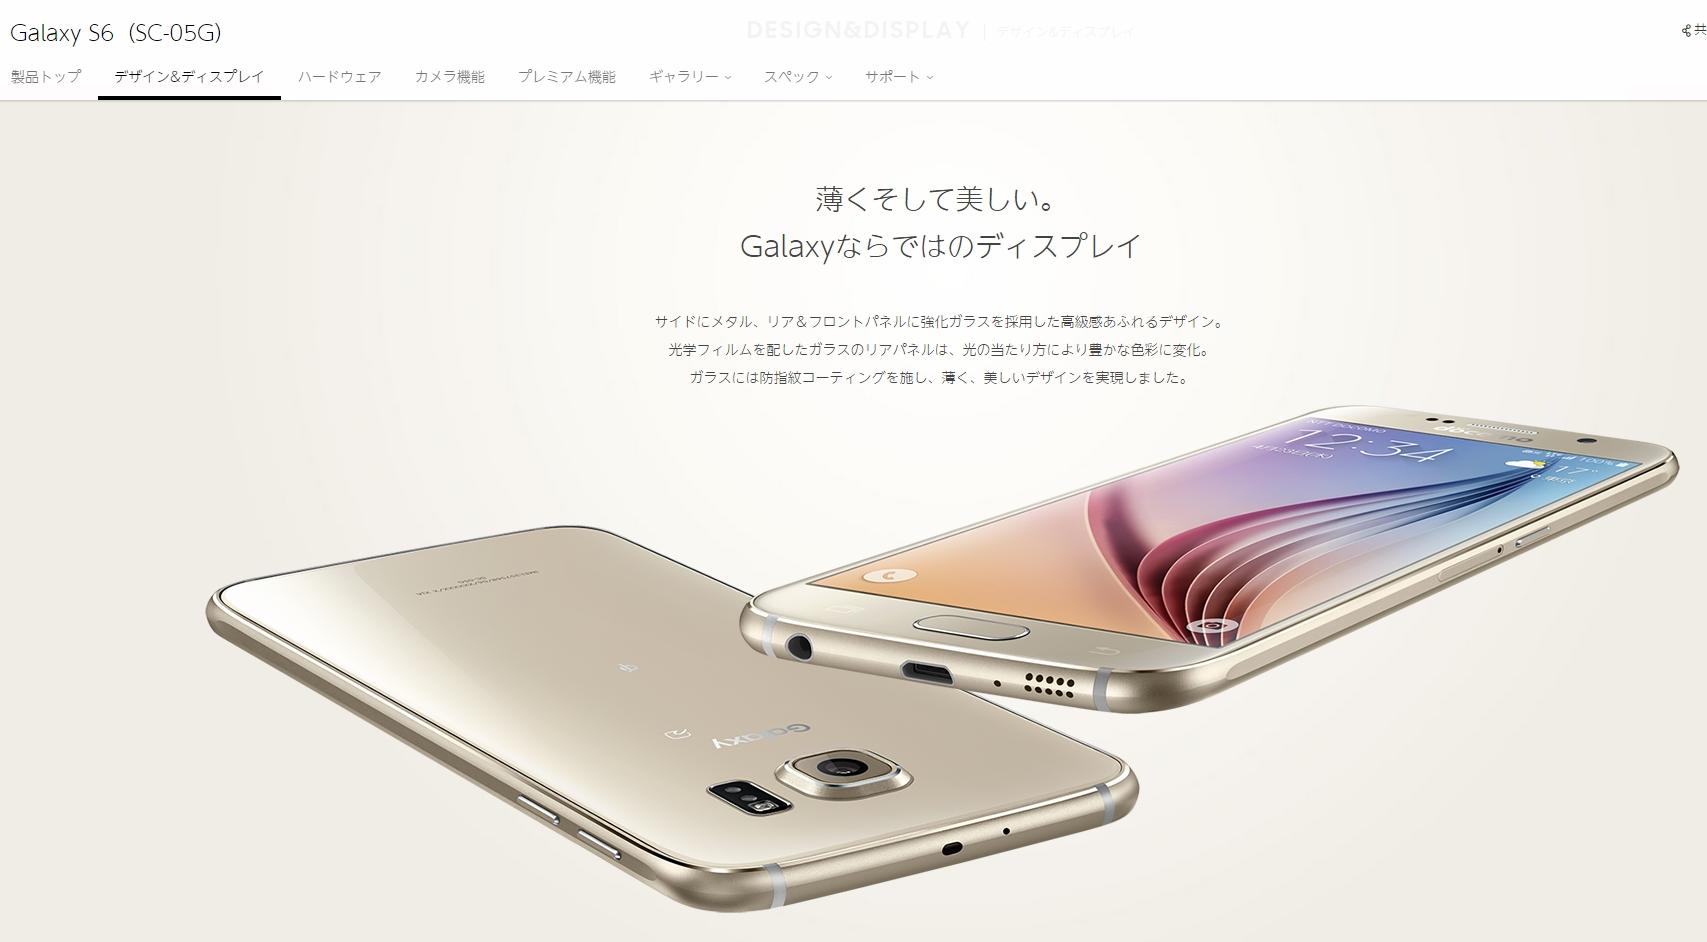 Galaxy S6(SC-05G) iphone6に似すぎな件について